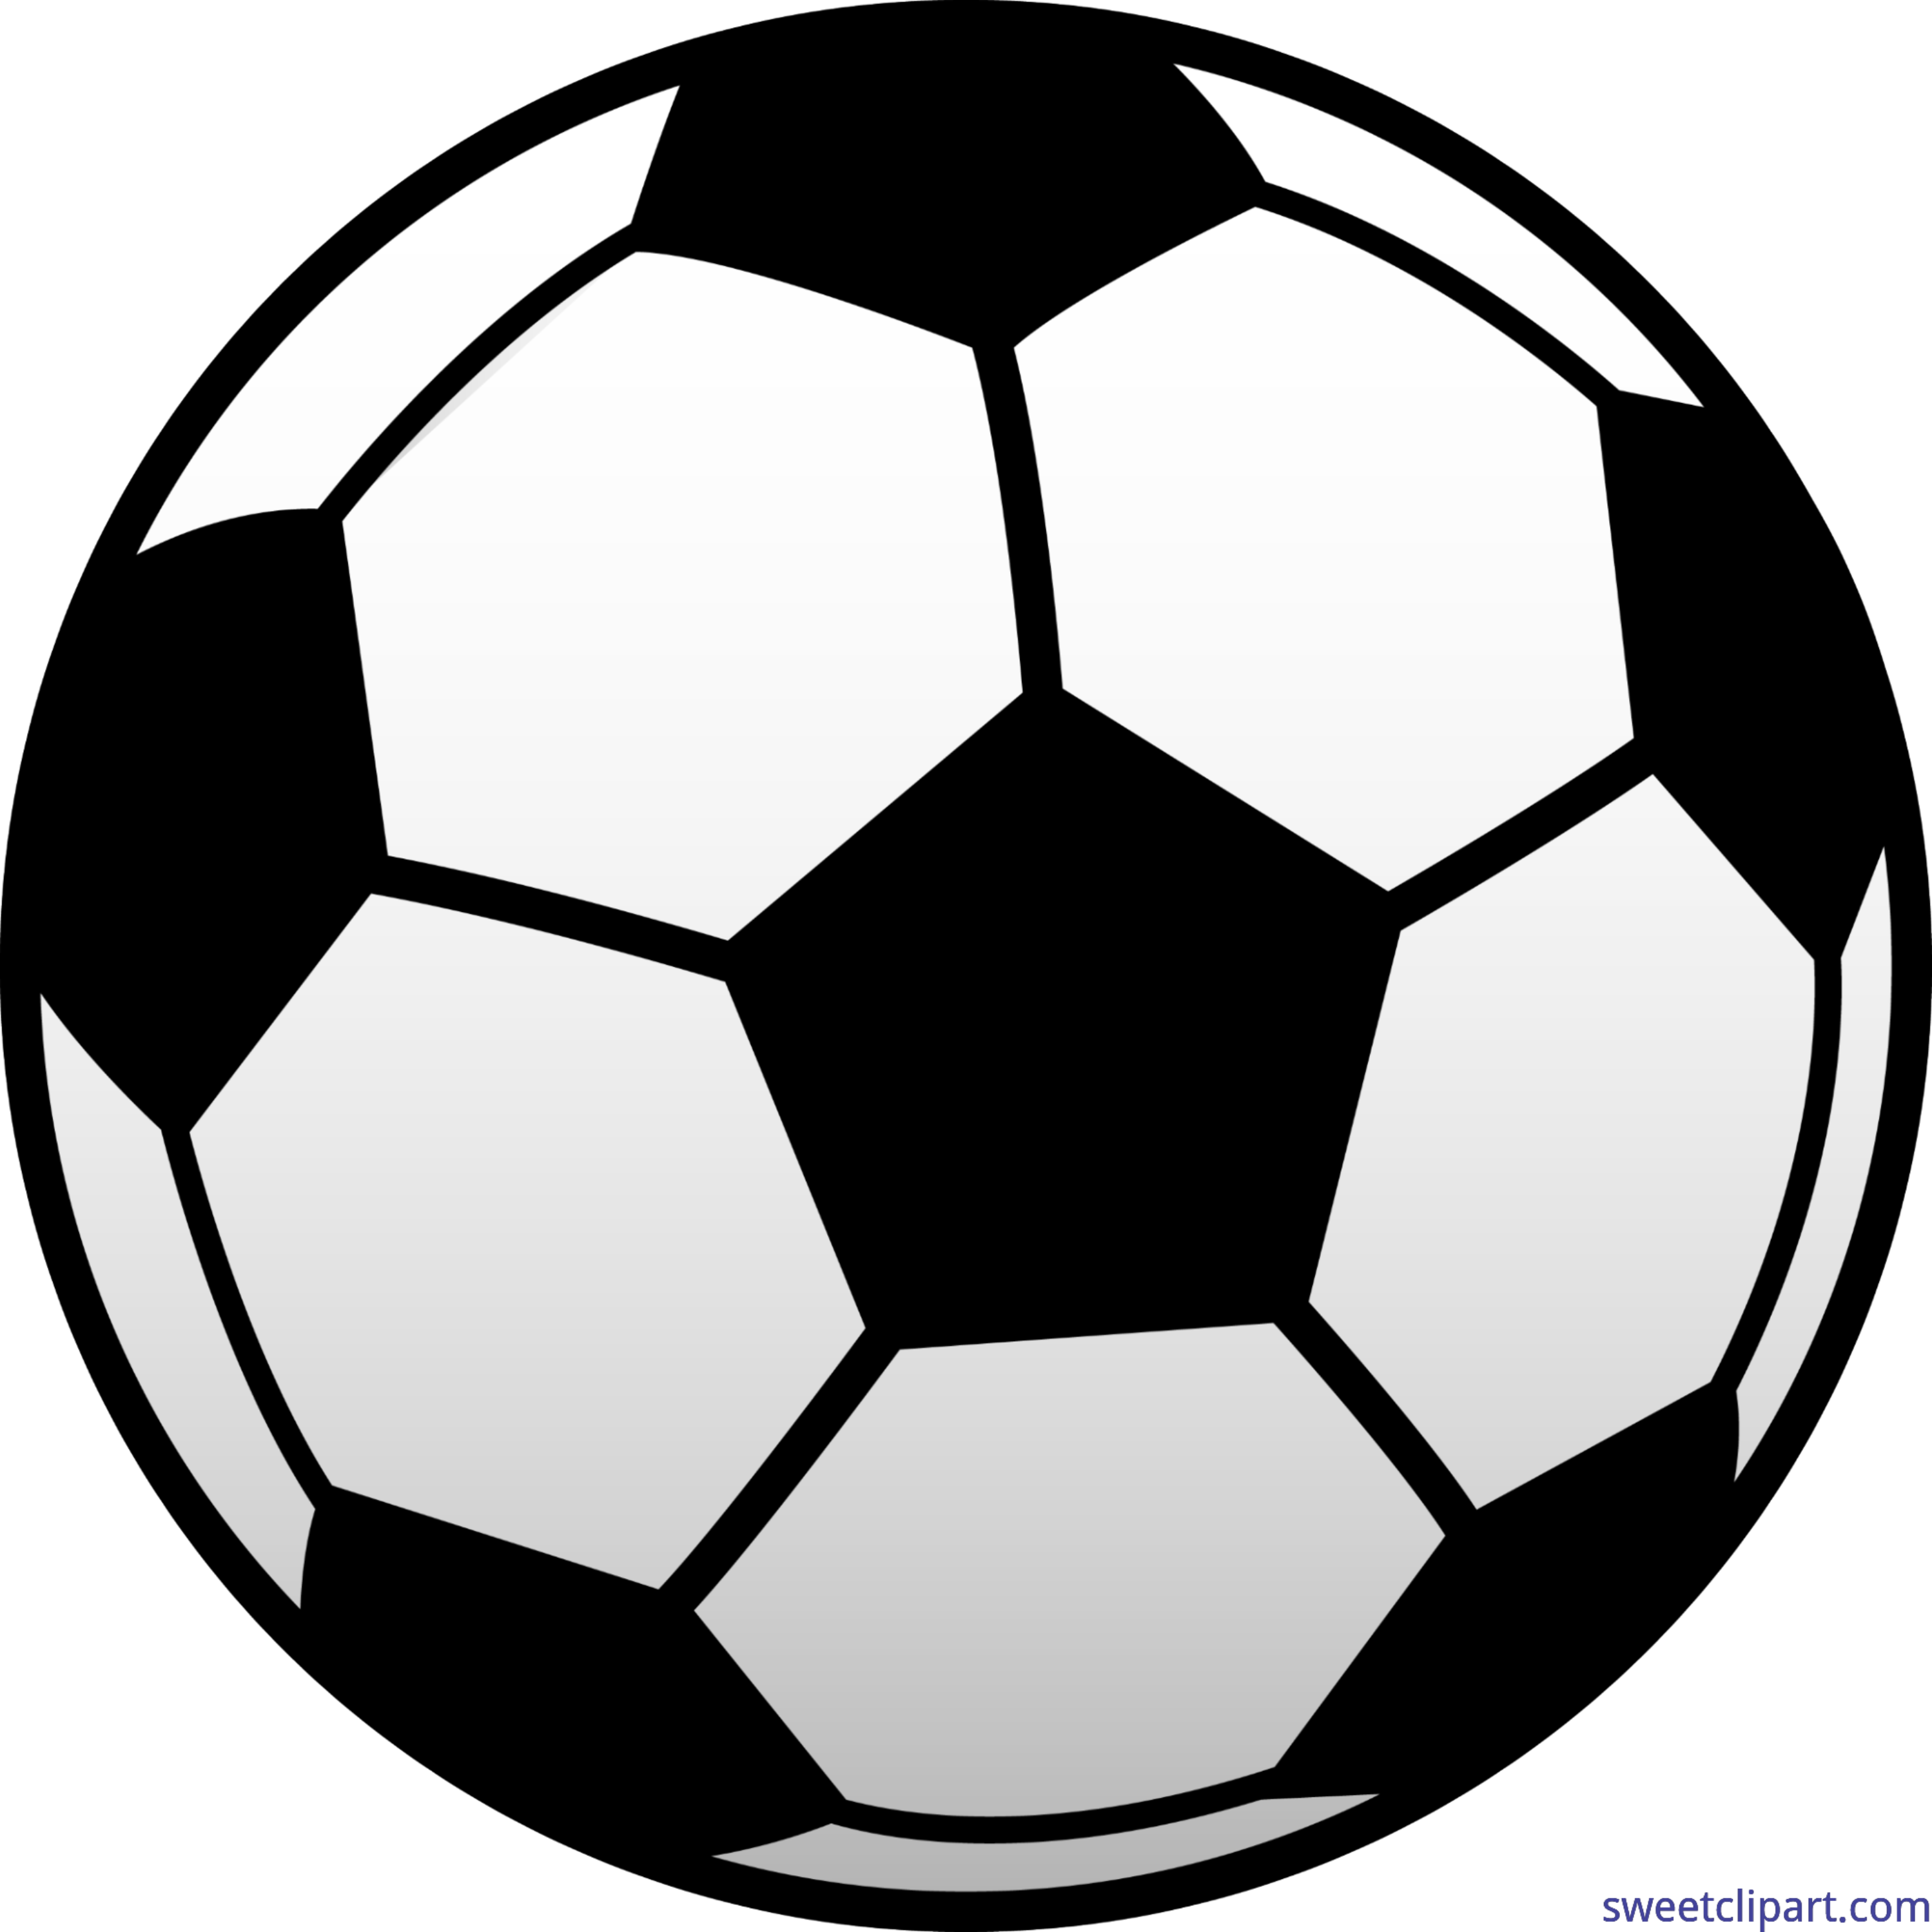 Clipart football. Soccer ball futbol clip